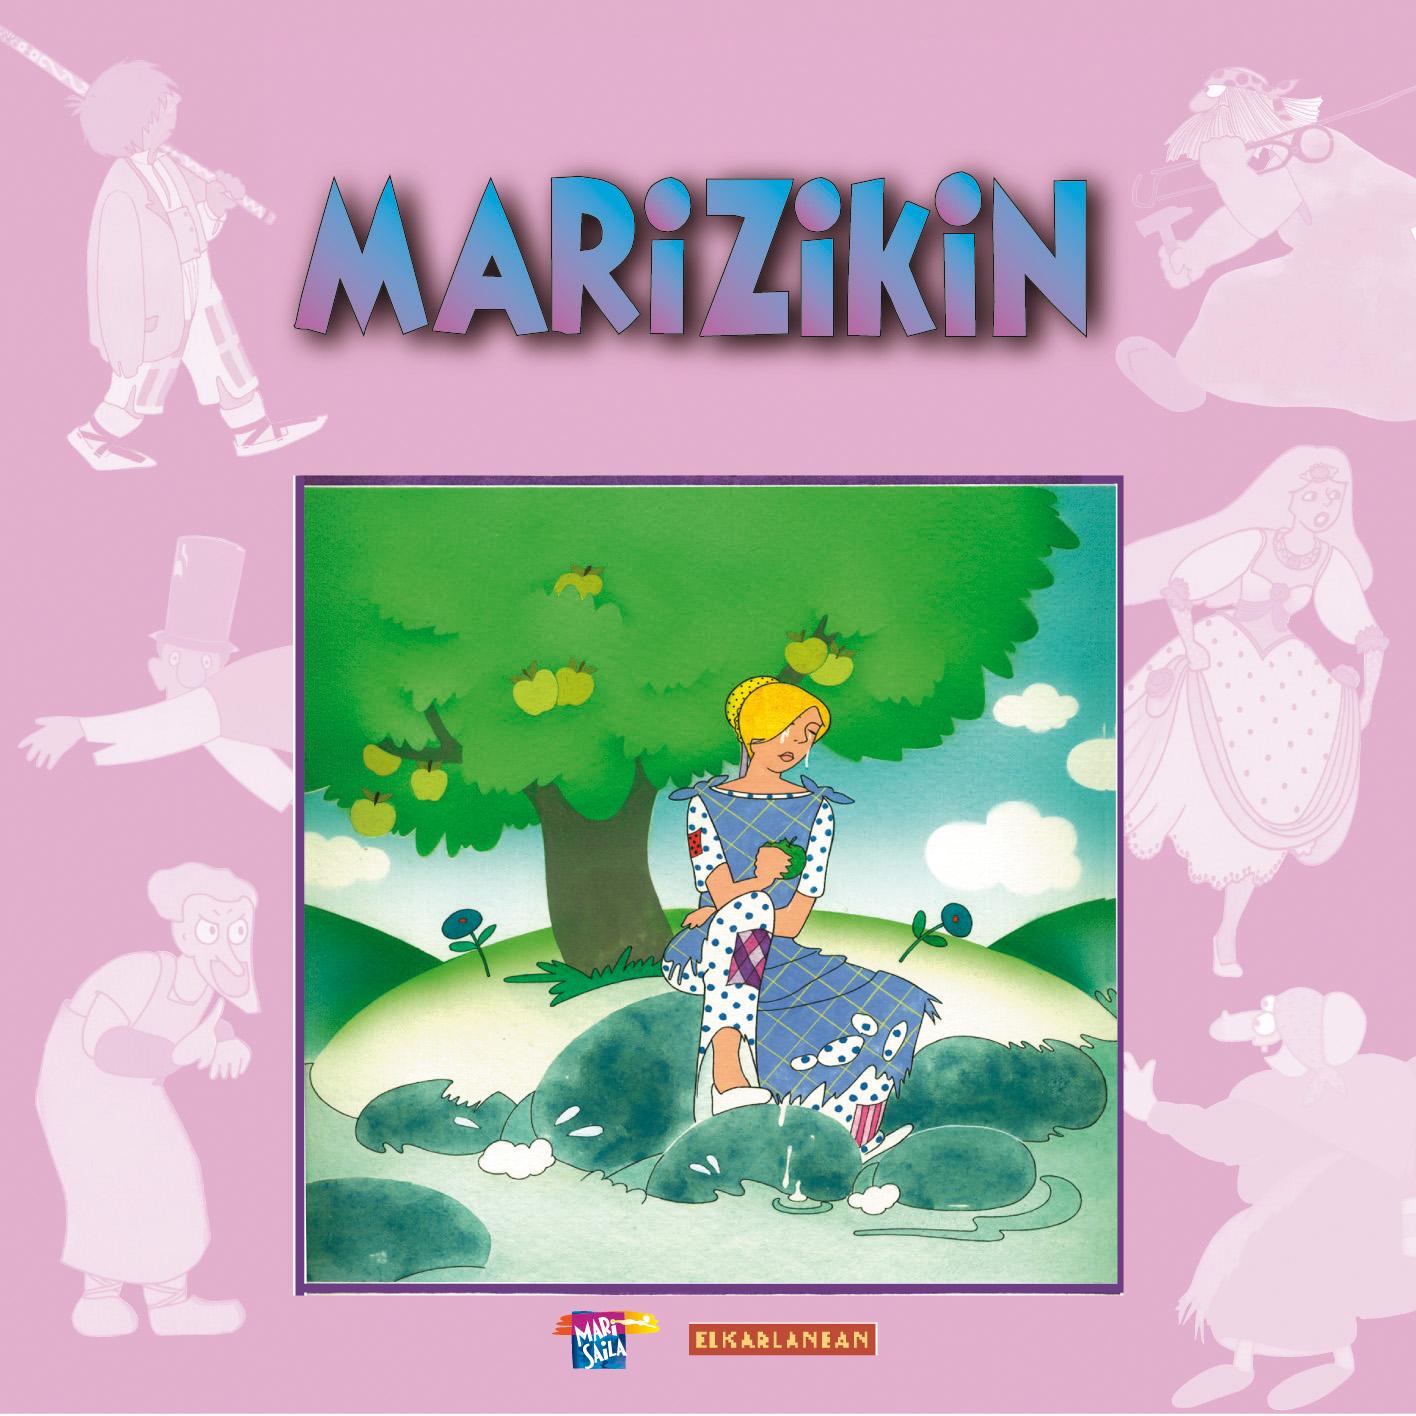 Marizikin